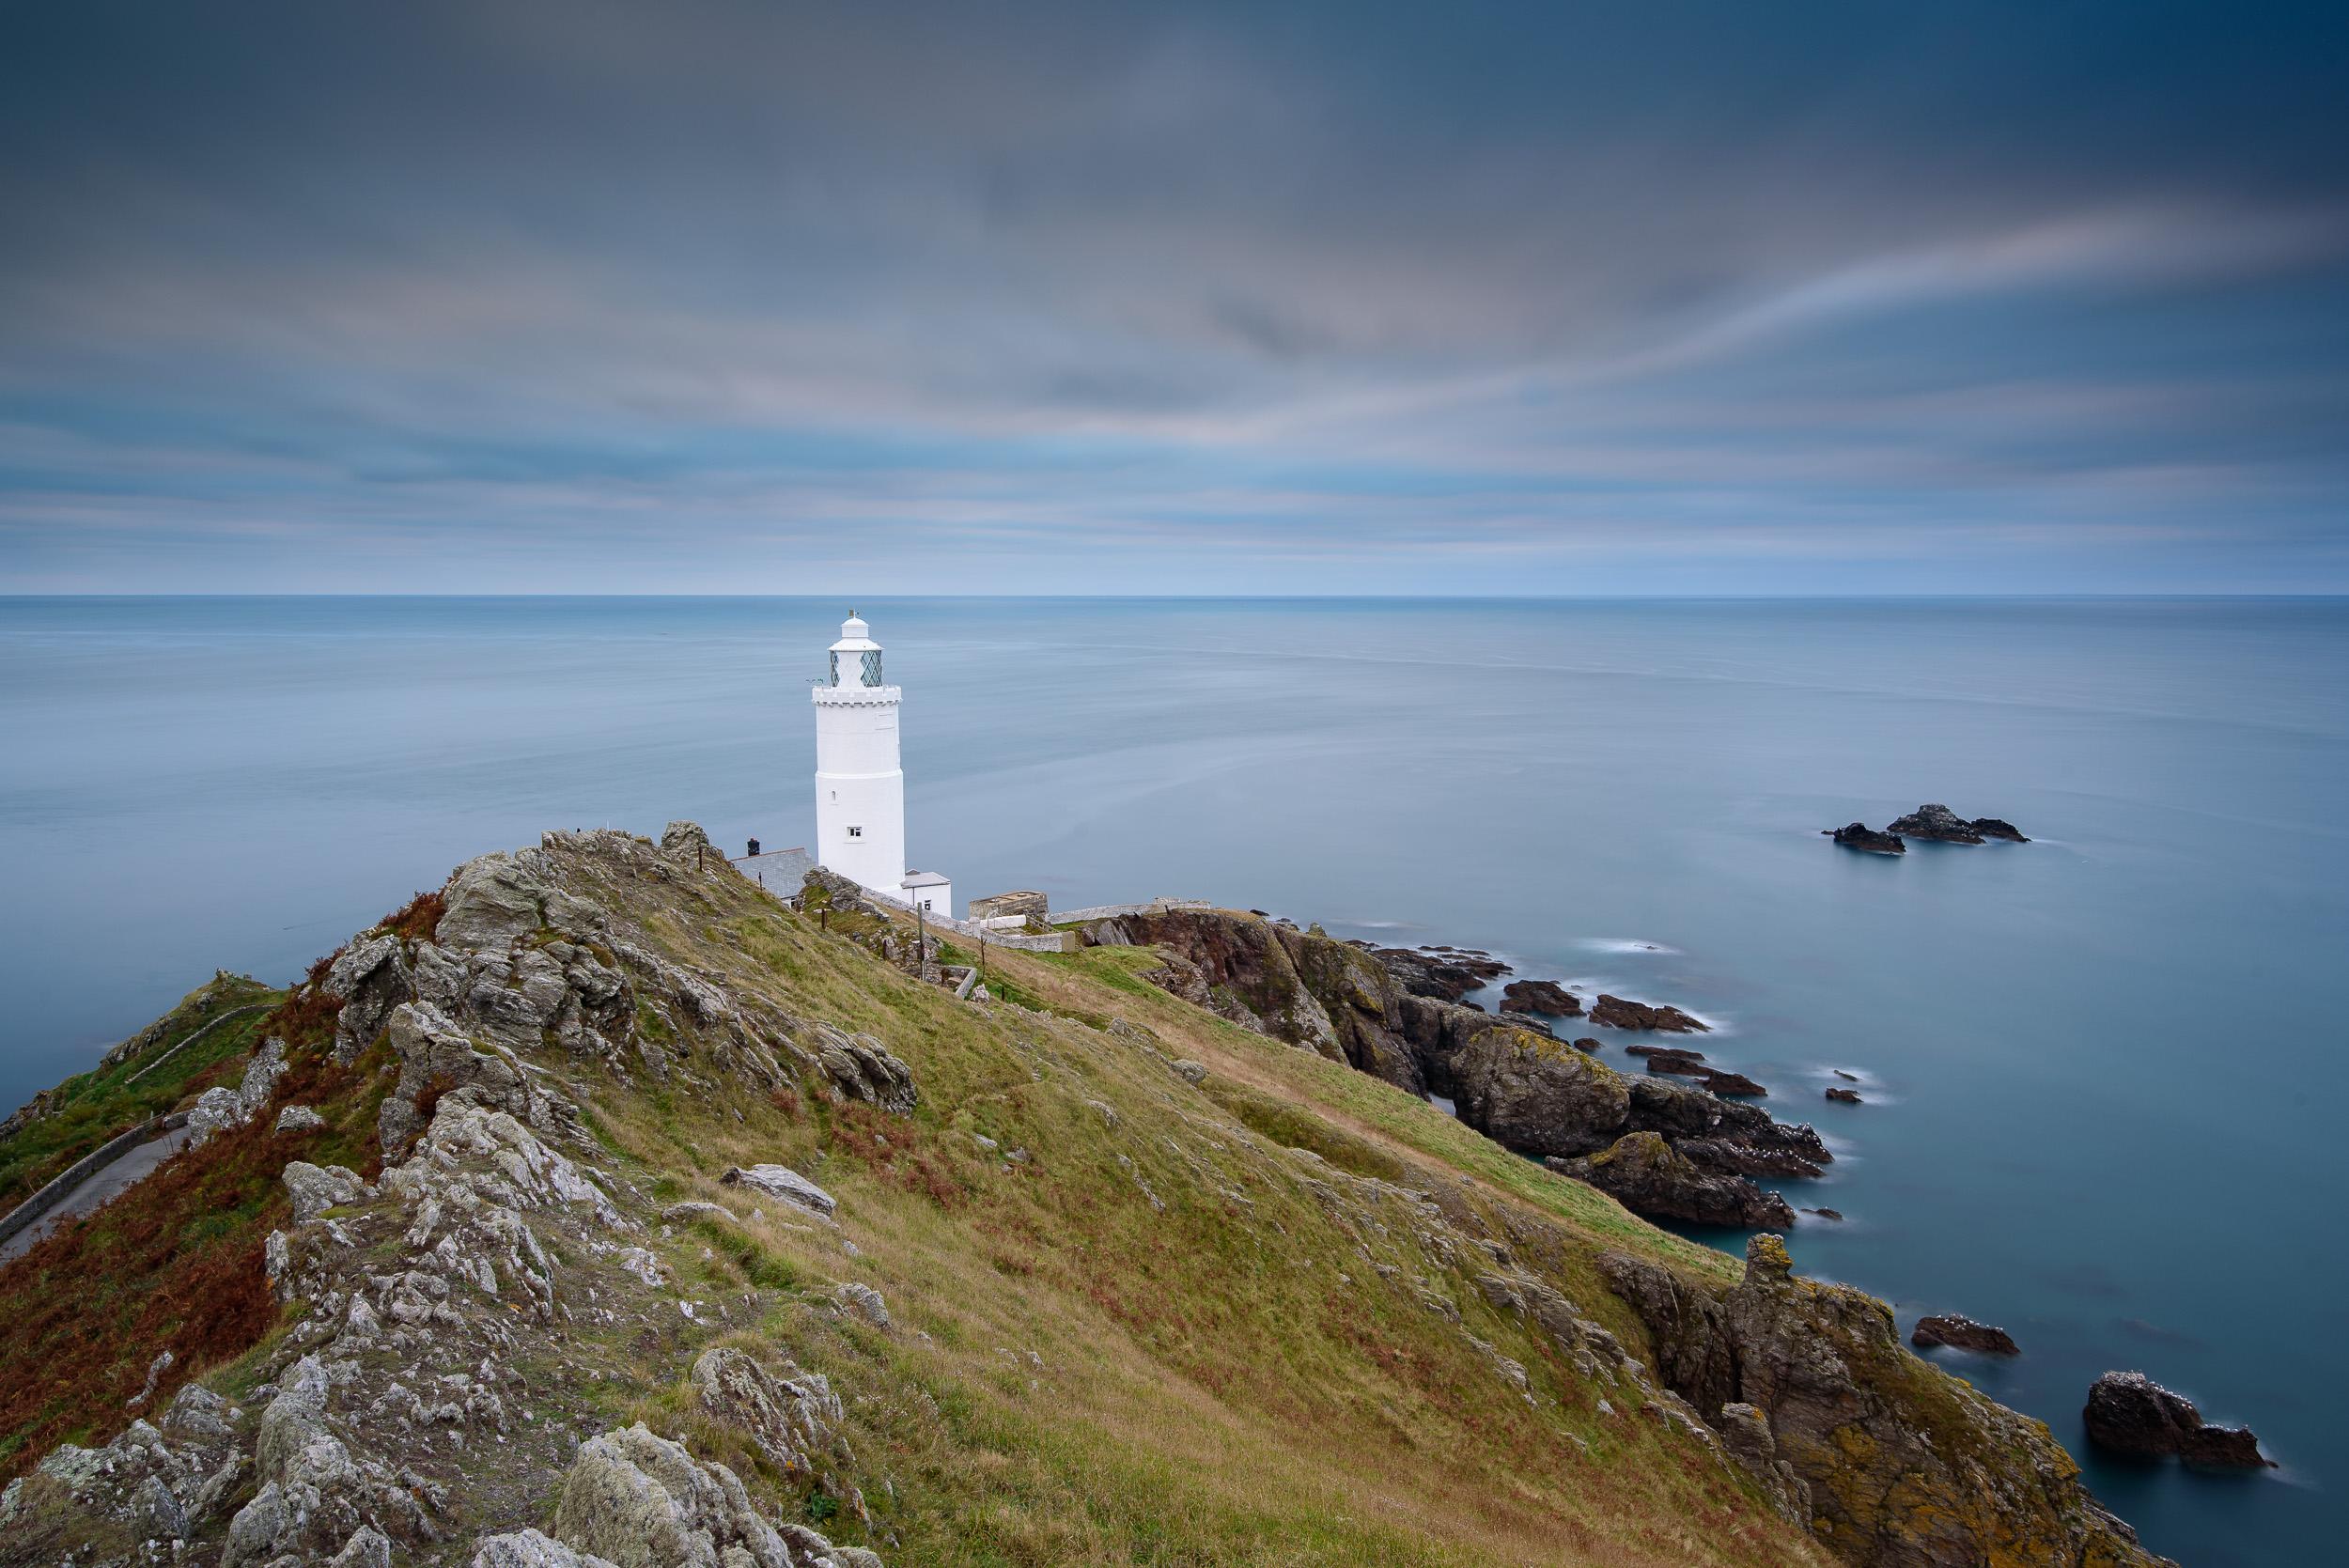 20161028-An Overcast Morning at Start Point Lighthouse.jpg